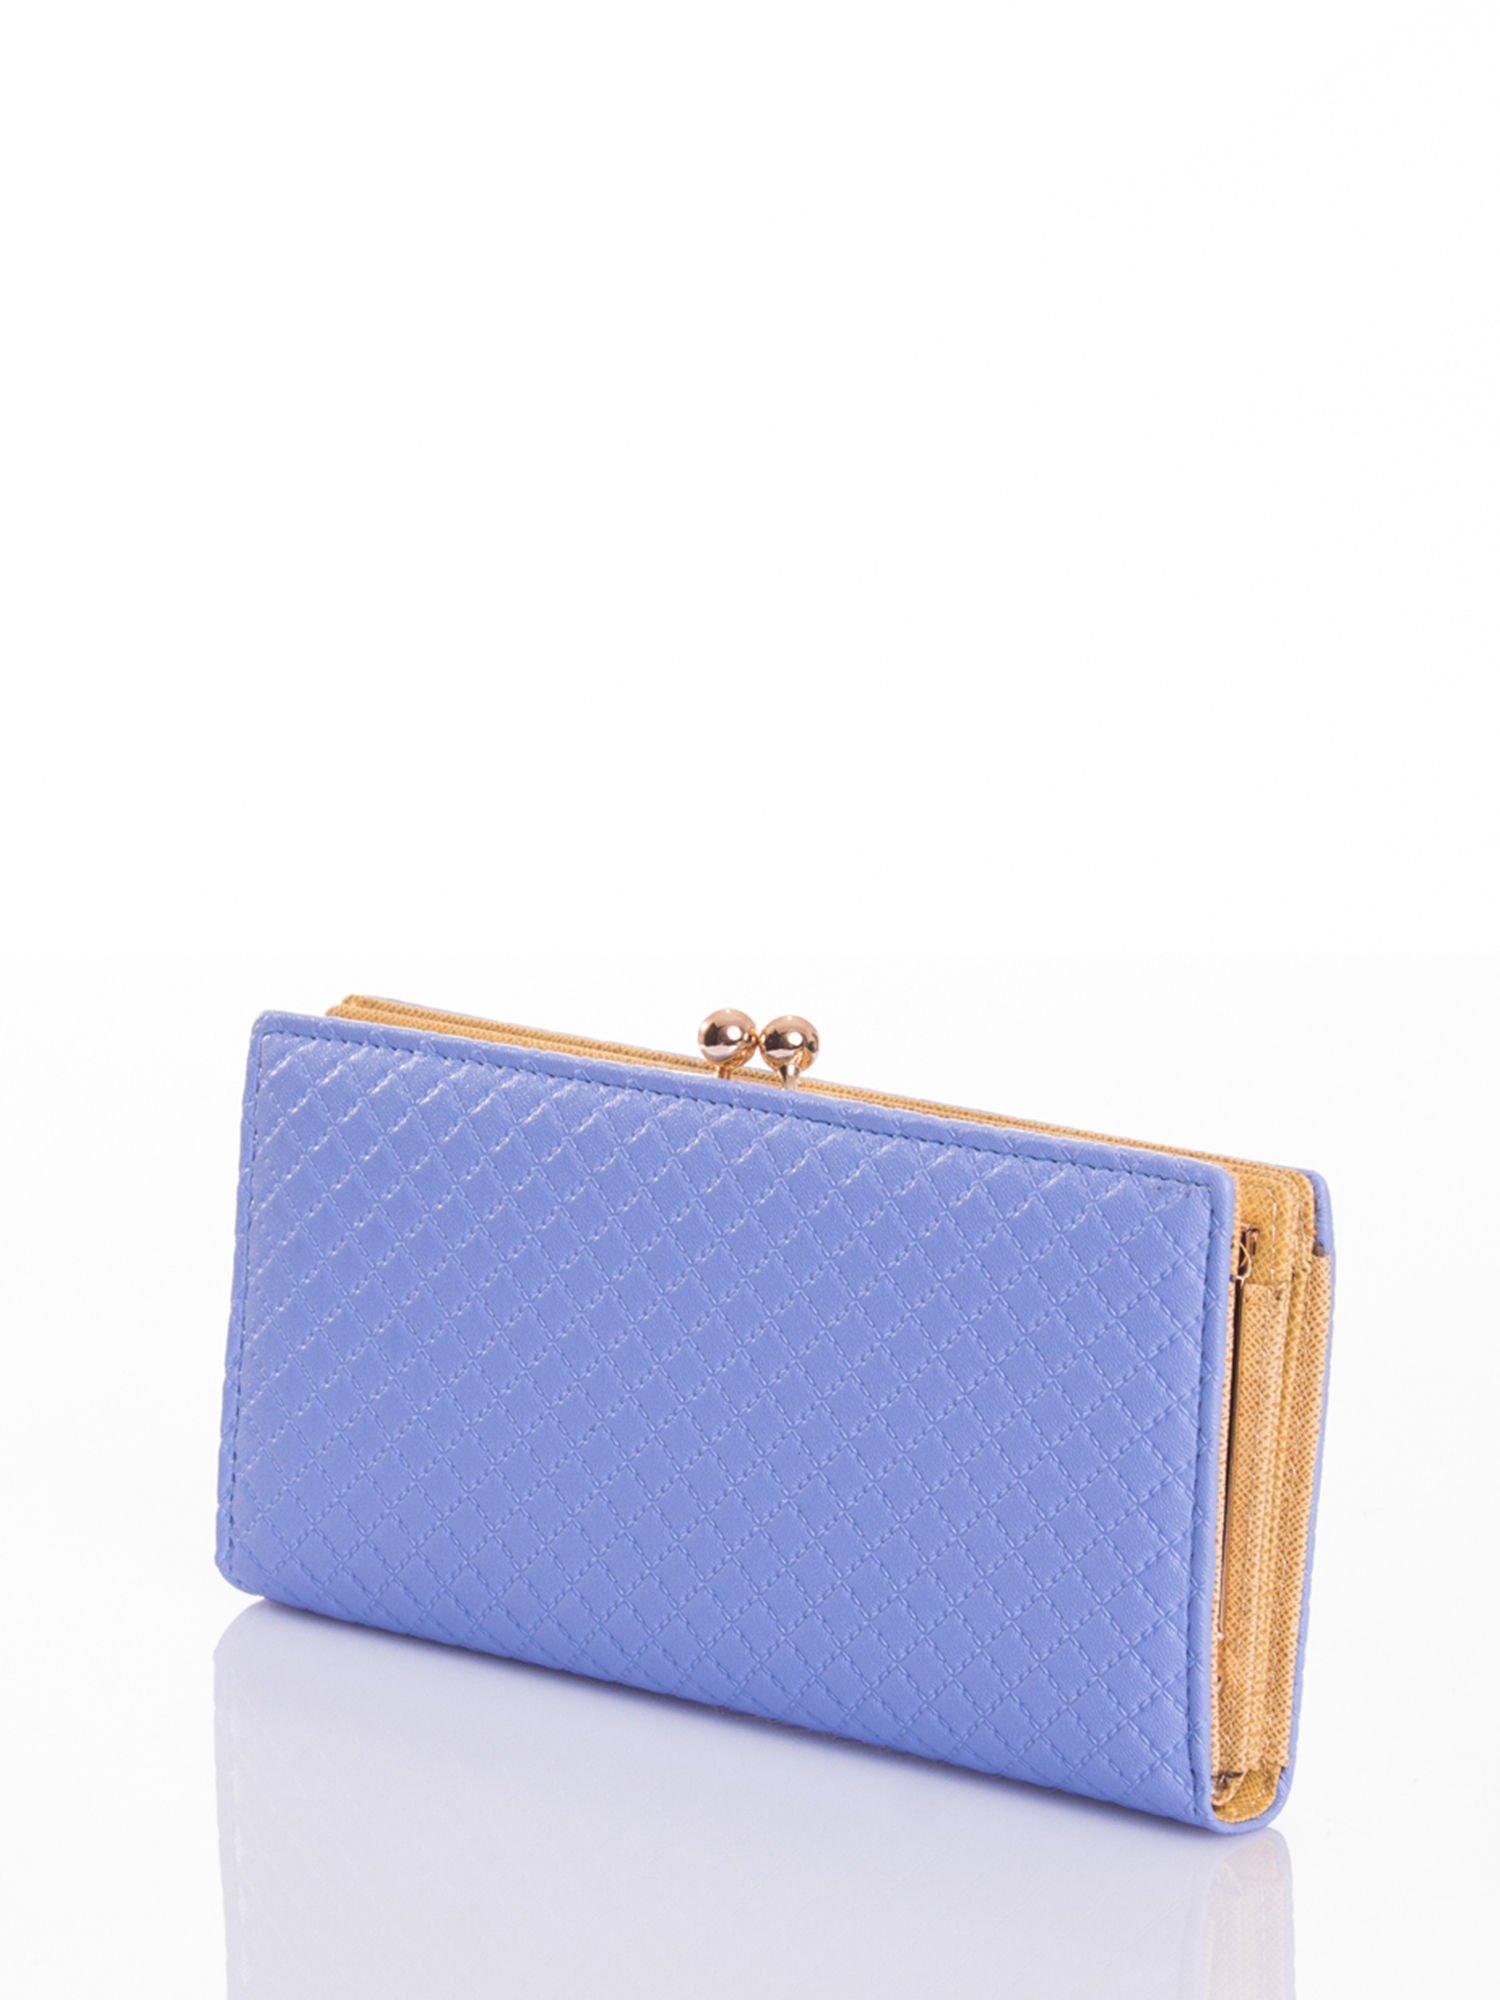 Jasnoniebieski elegancki portfel na bigiel                                  zdj.                                  2